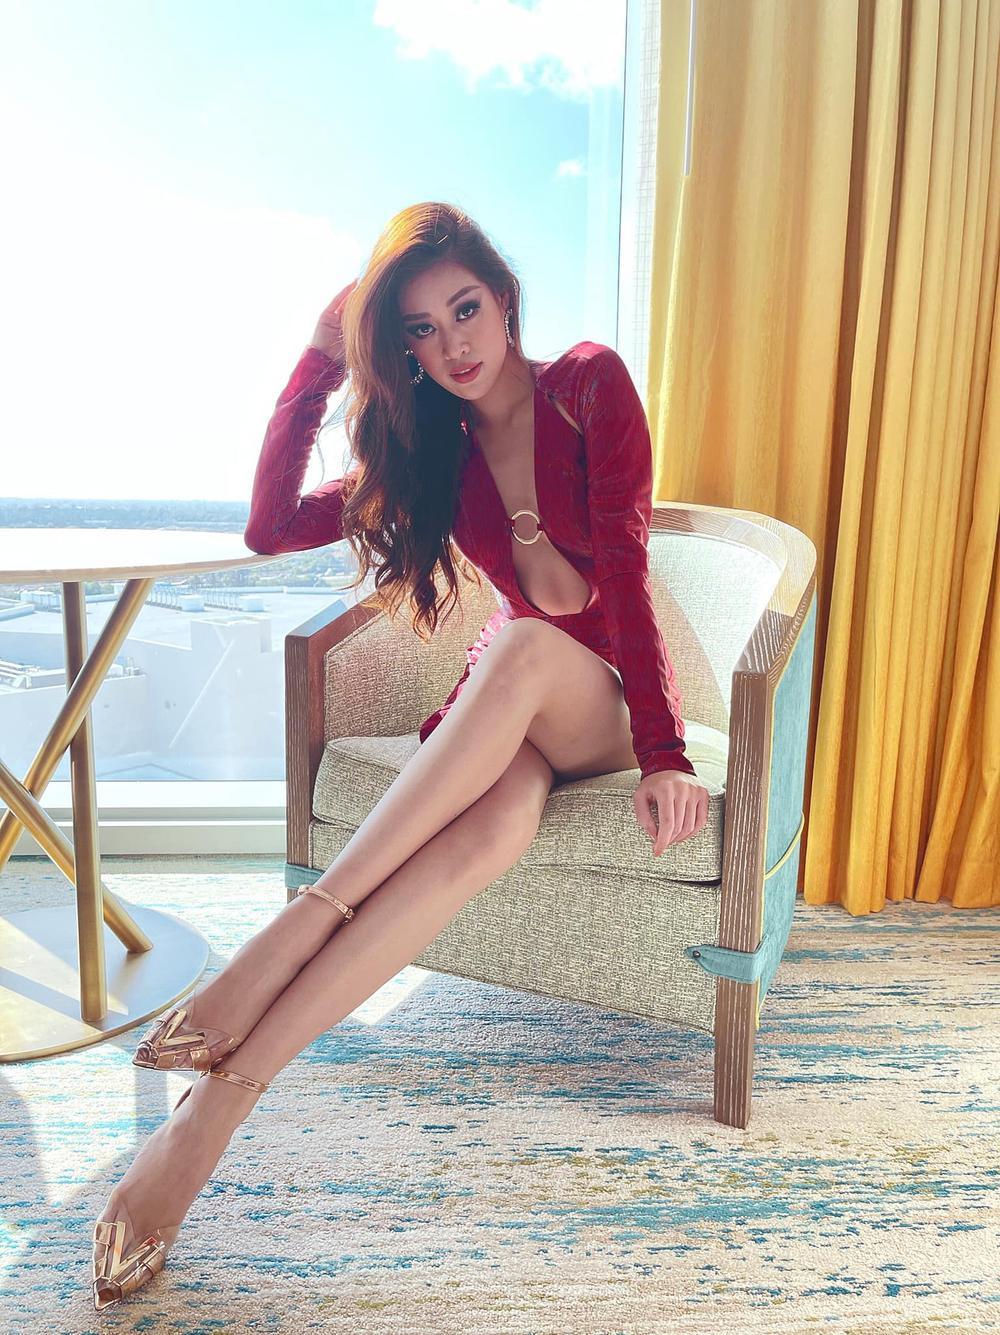 Hoa hậu Khánh Vân gây 'tê liệt' khi liên tục khoe rãnh bụng nét căng và vòng eo nổi múi Ảnh 8